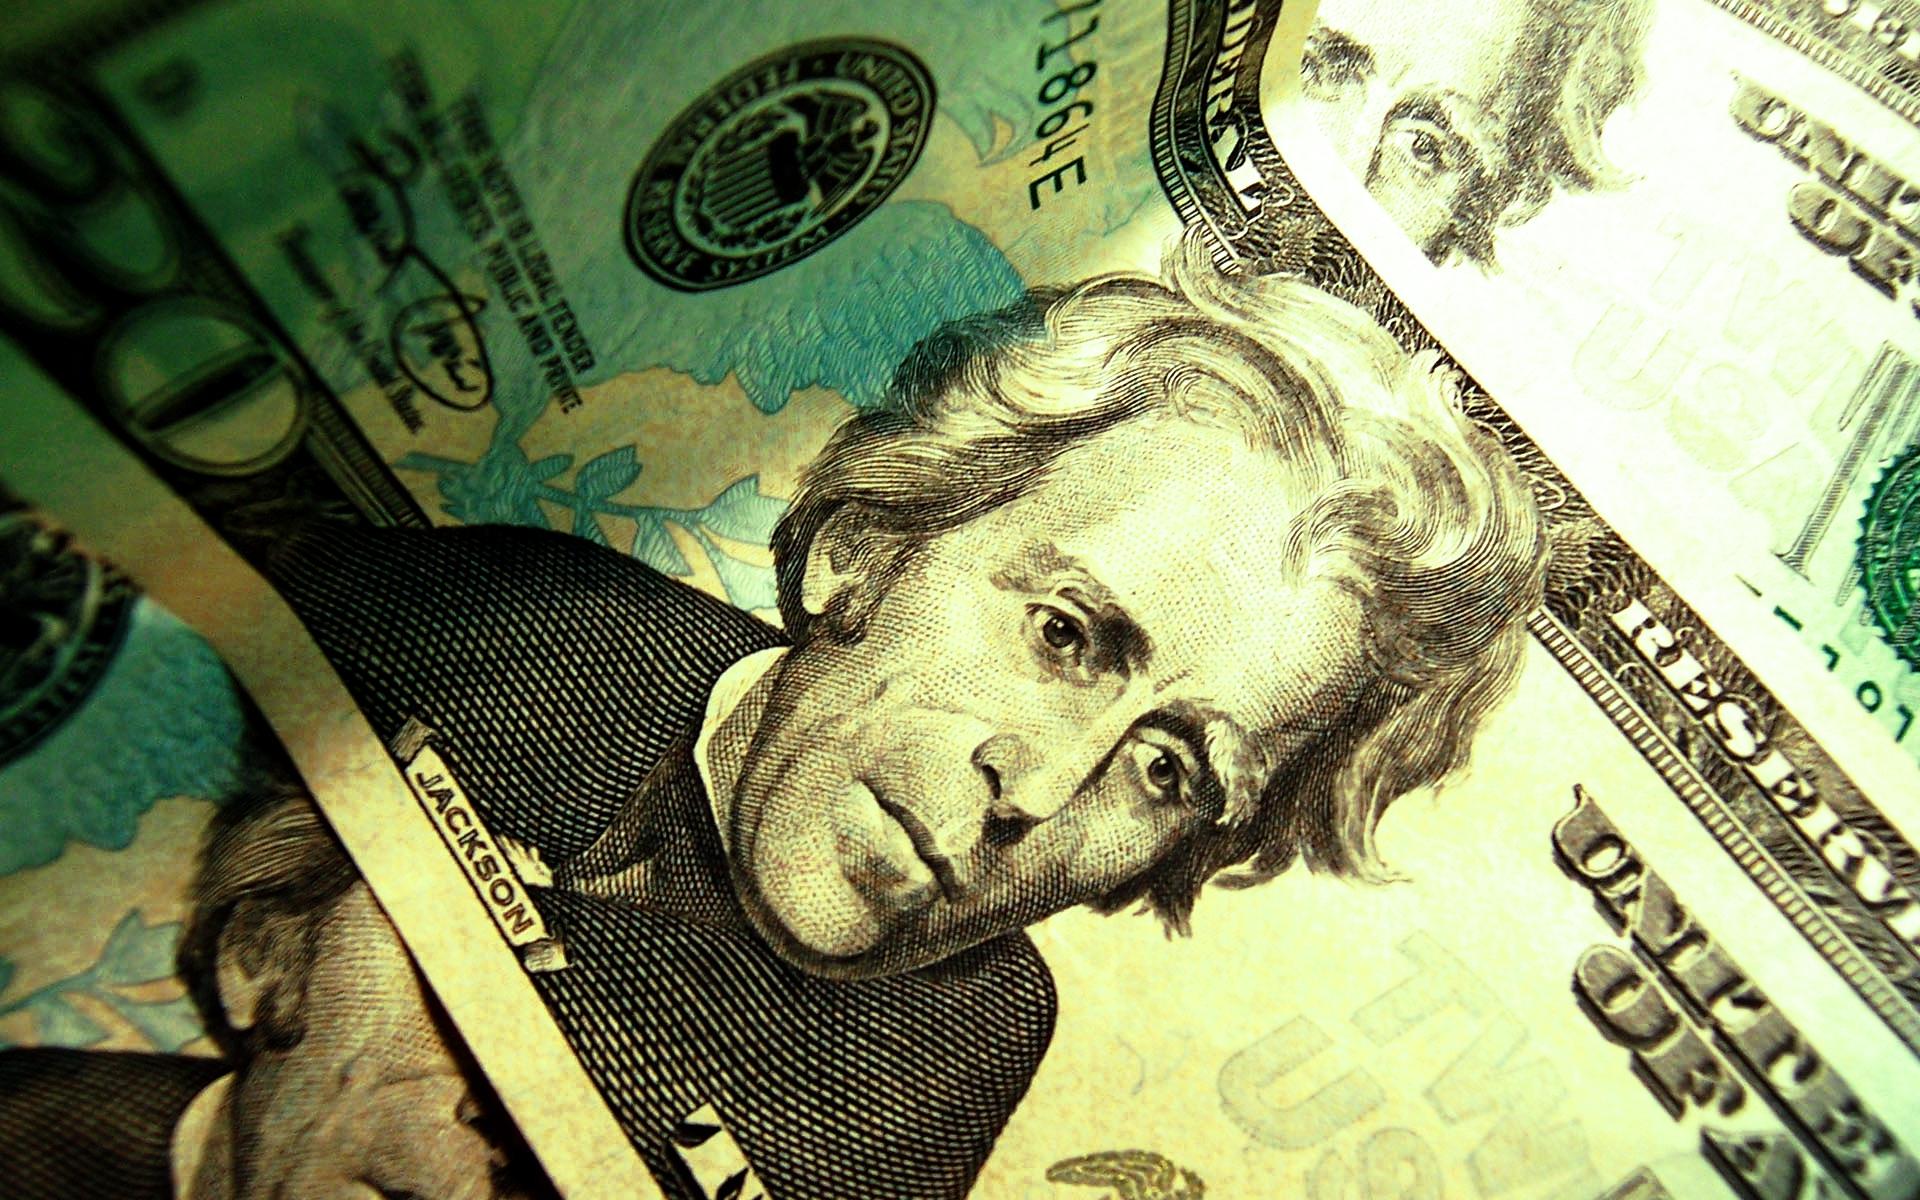 デスクトップ壁紙 図 緑 明るい お金 通貨 ドル アート 光